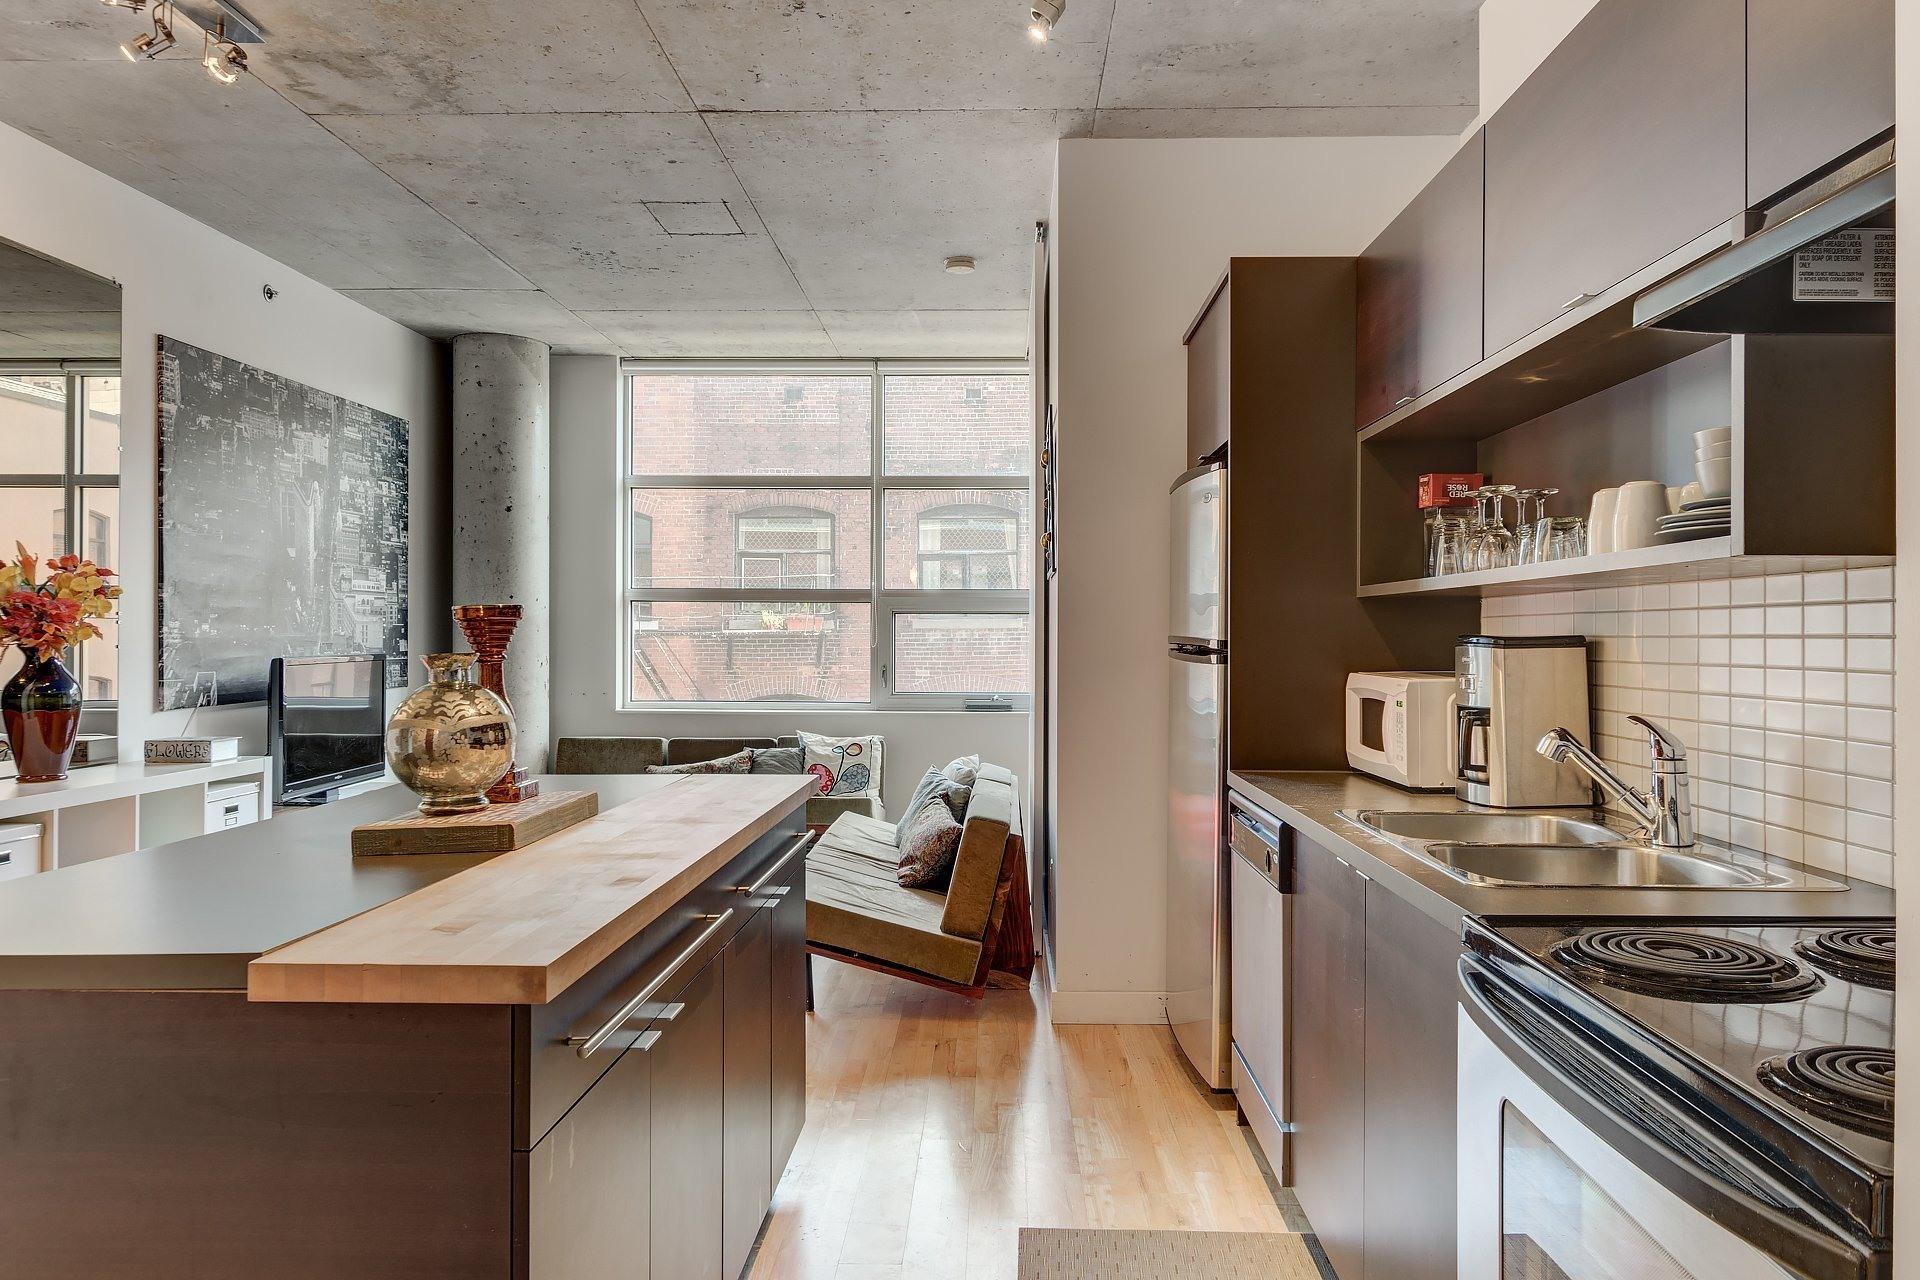 image 5 - Apartment For rent Ville-Marie Montréal  - 3 rooms